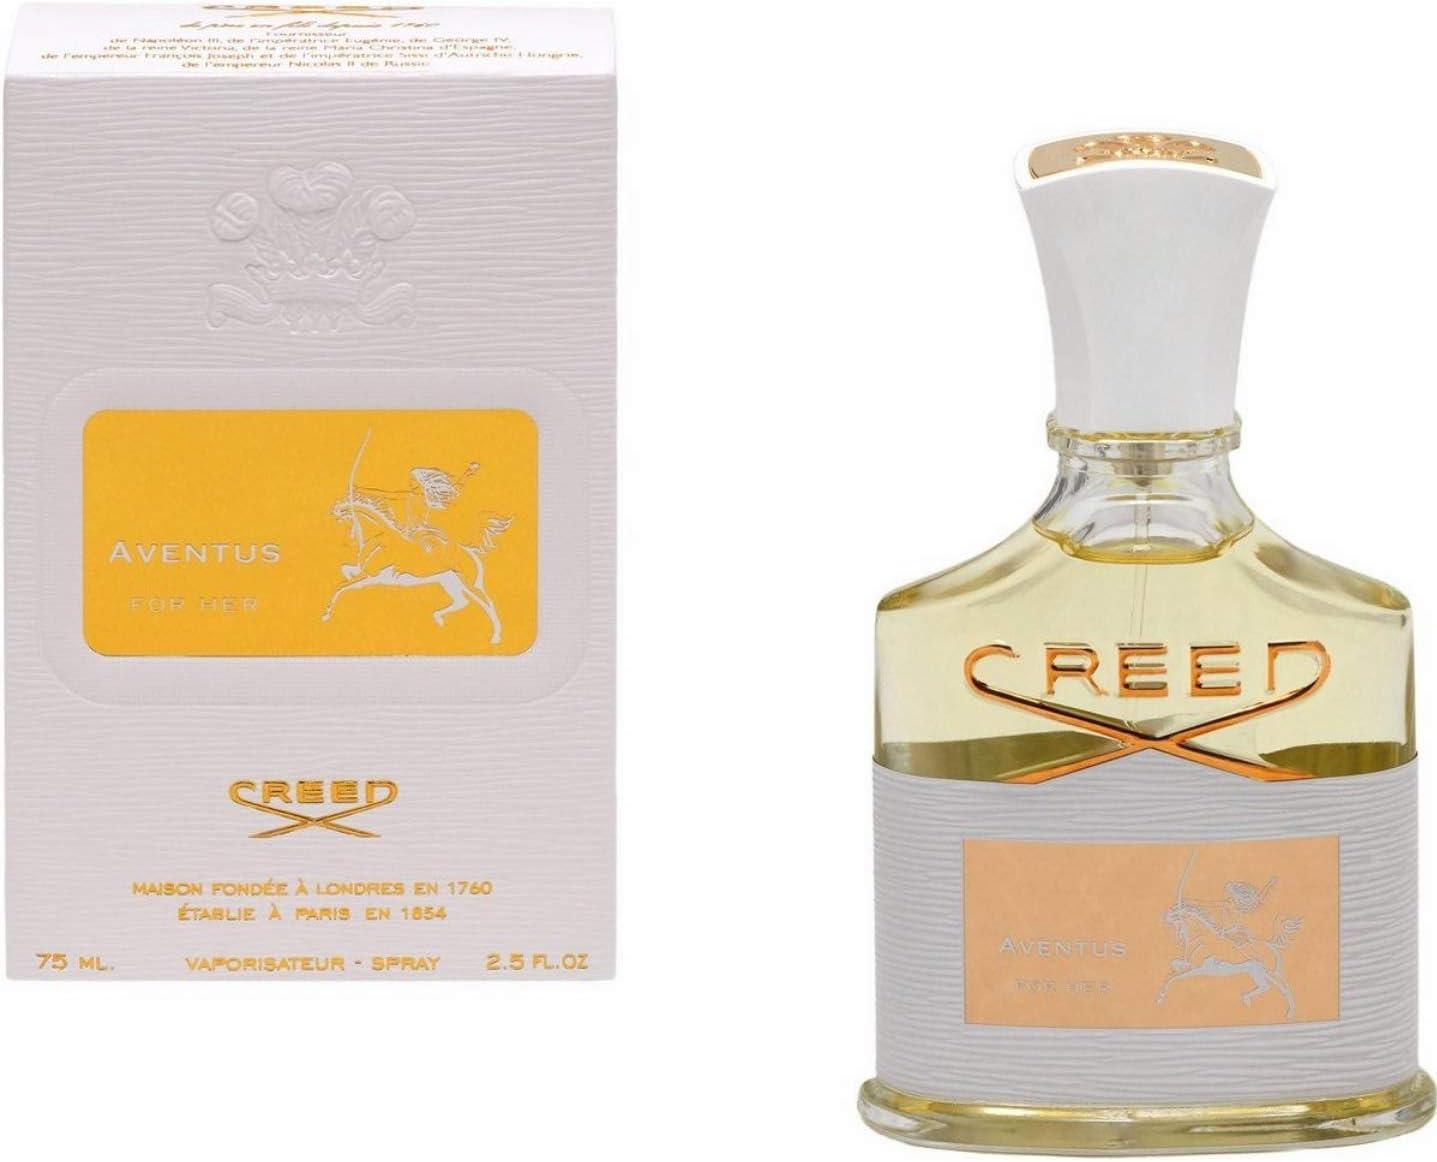 CREED Aventus For Her Eau de Parfum, 75ml: Amazon.it: Bellezza